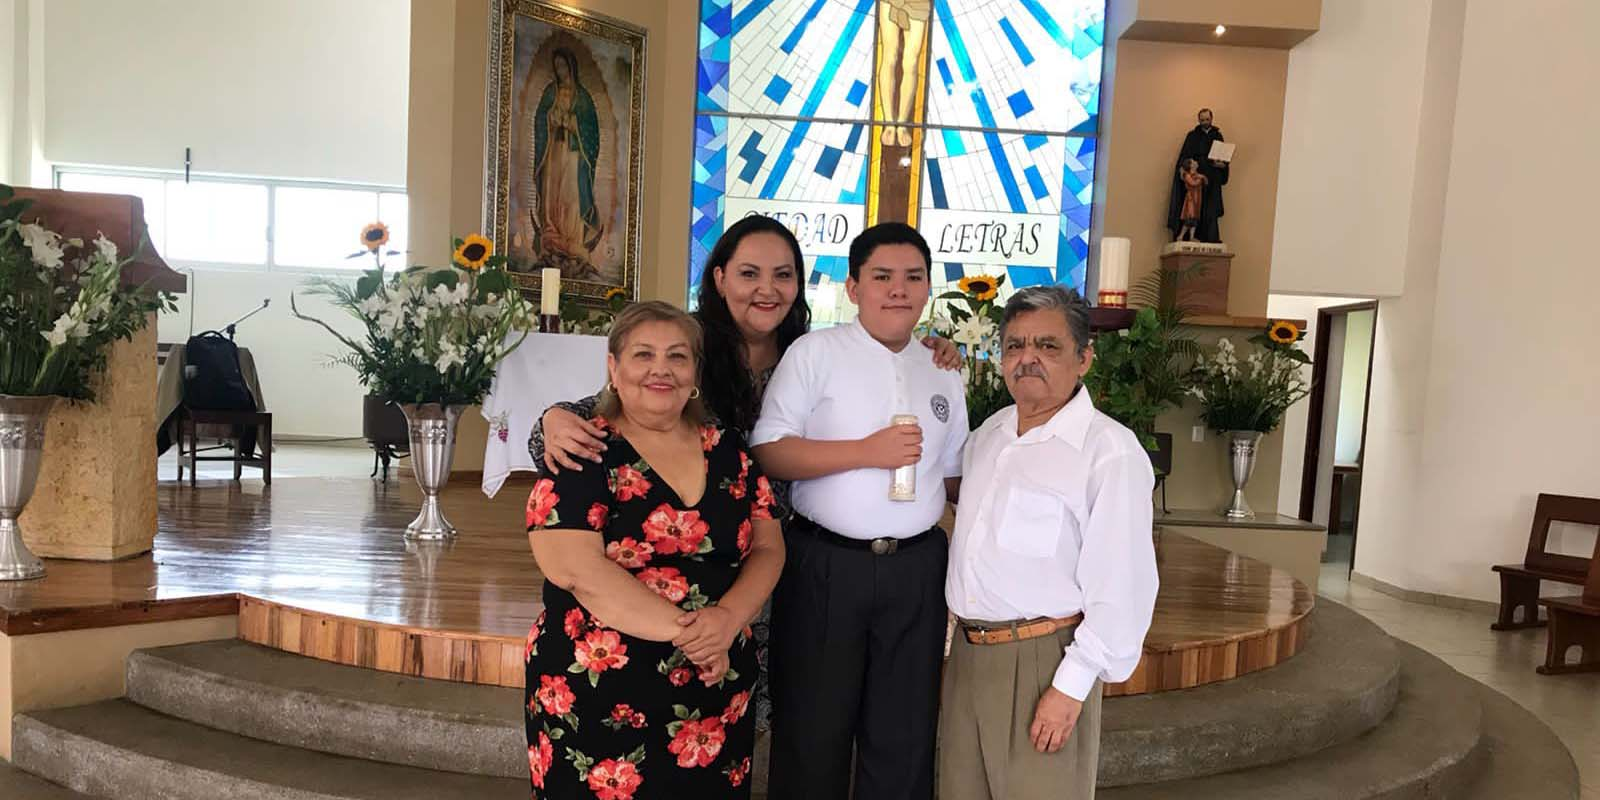 Recibe Leonardo su  primera comunión | El Imparcial de Oaxaca